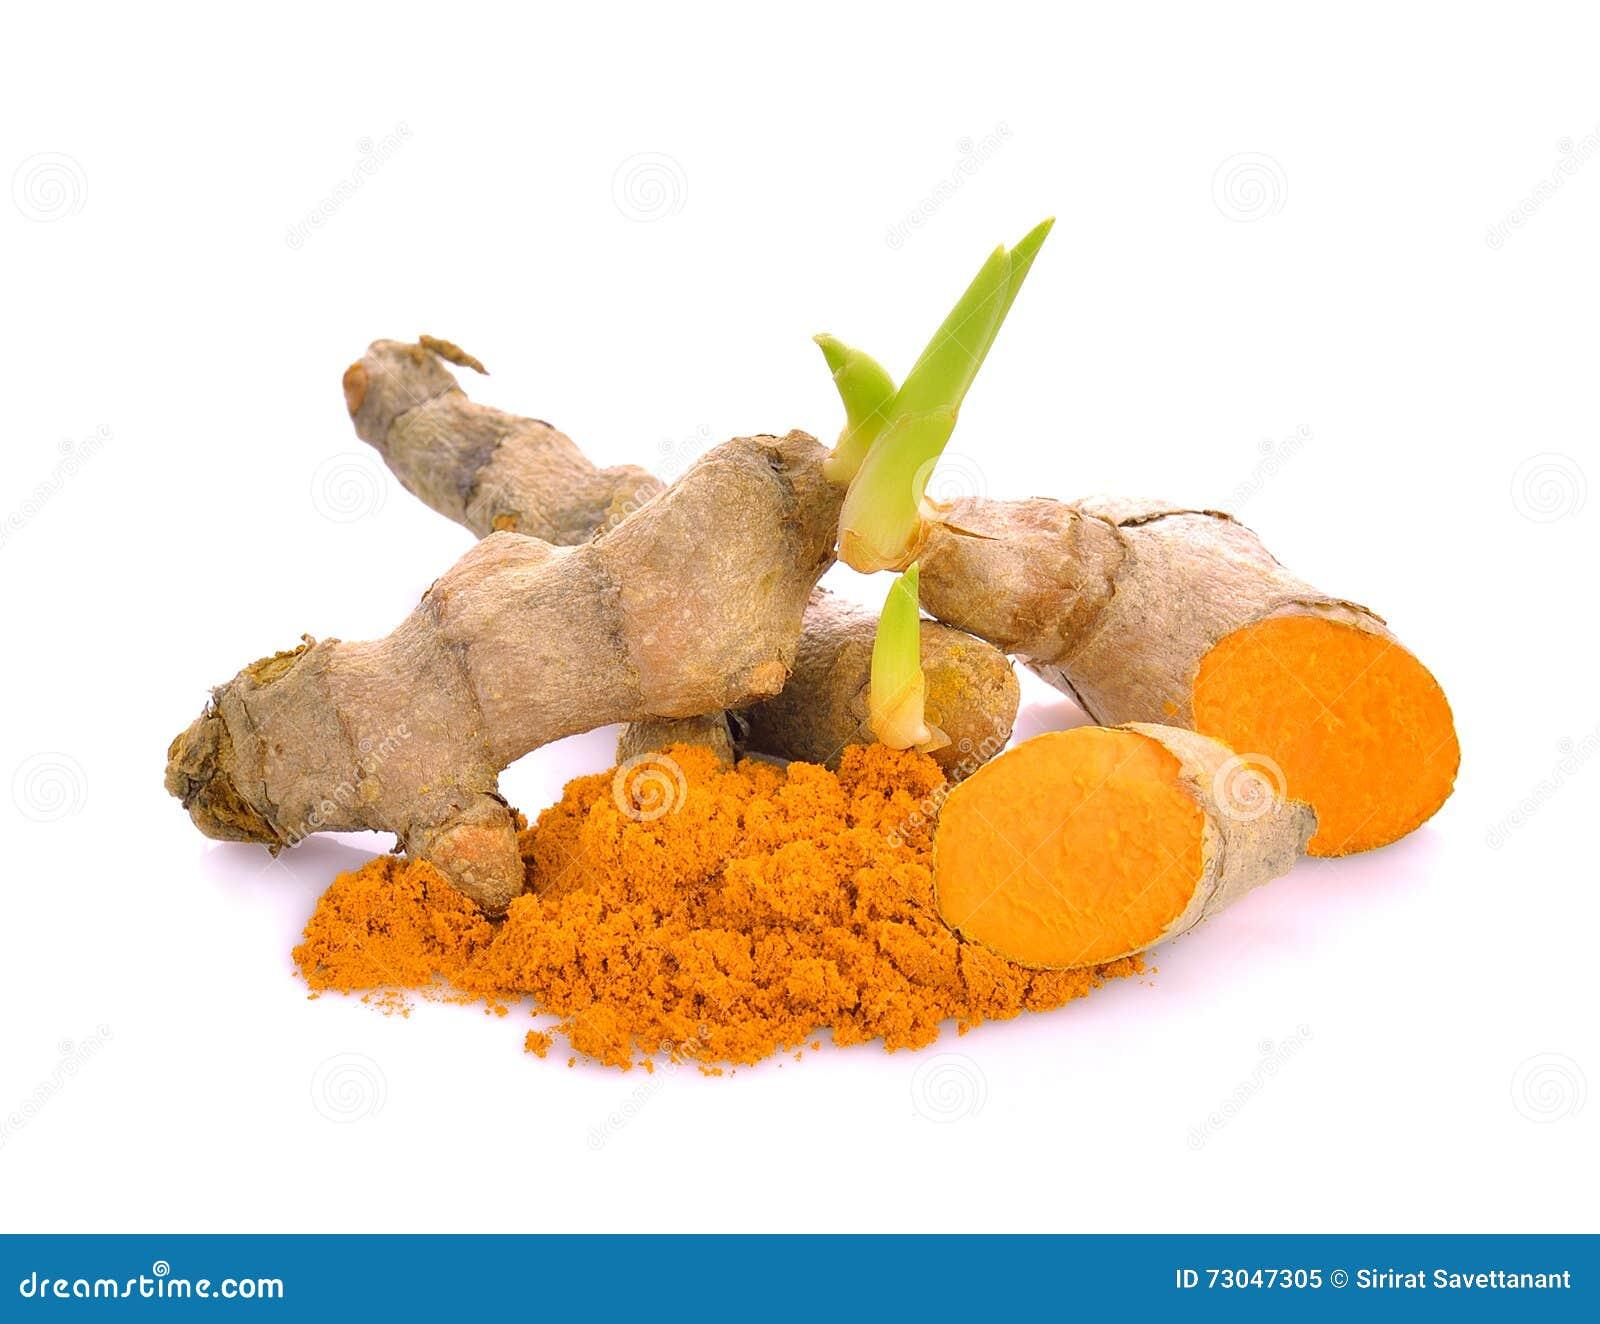 Baby Turmeric Plant Powder Turmeric Stock Image Image